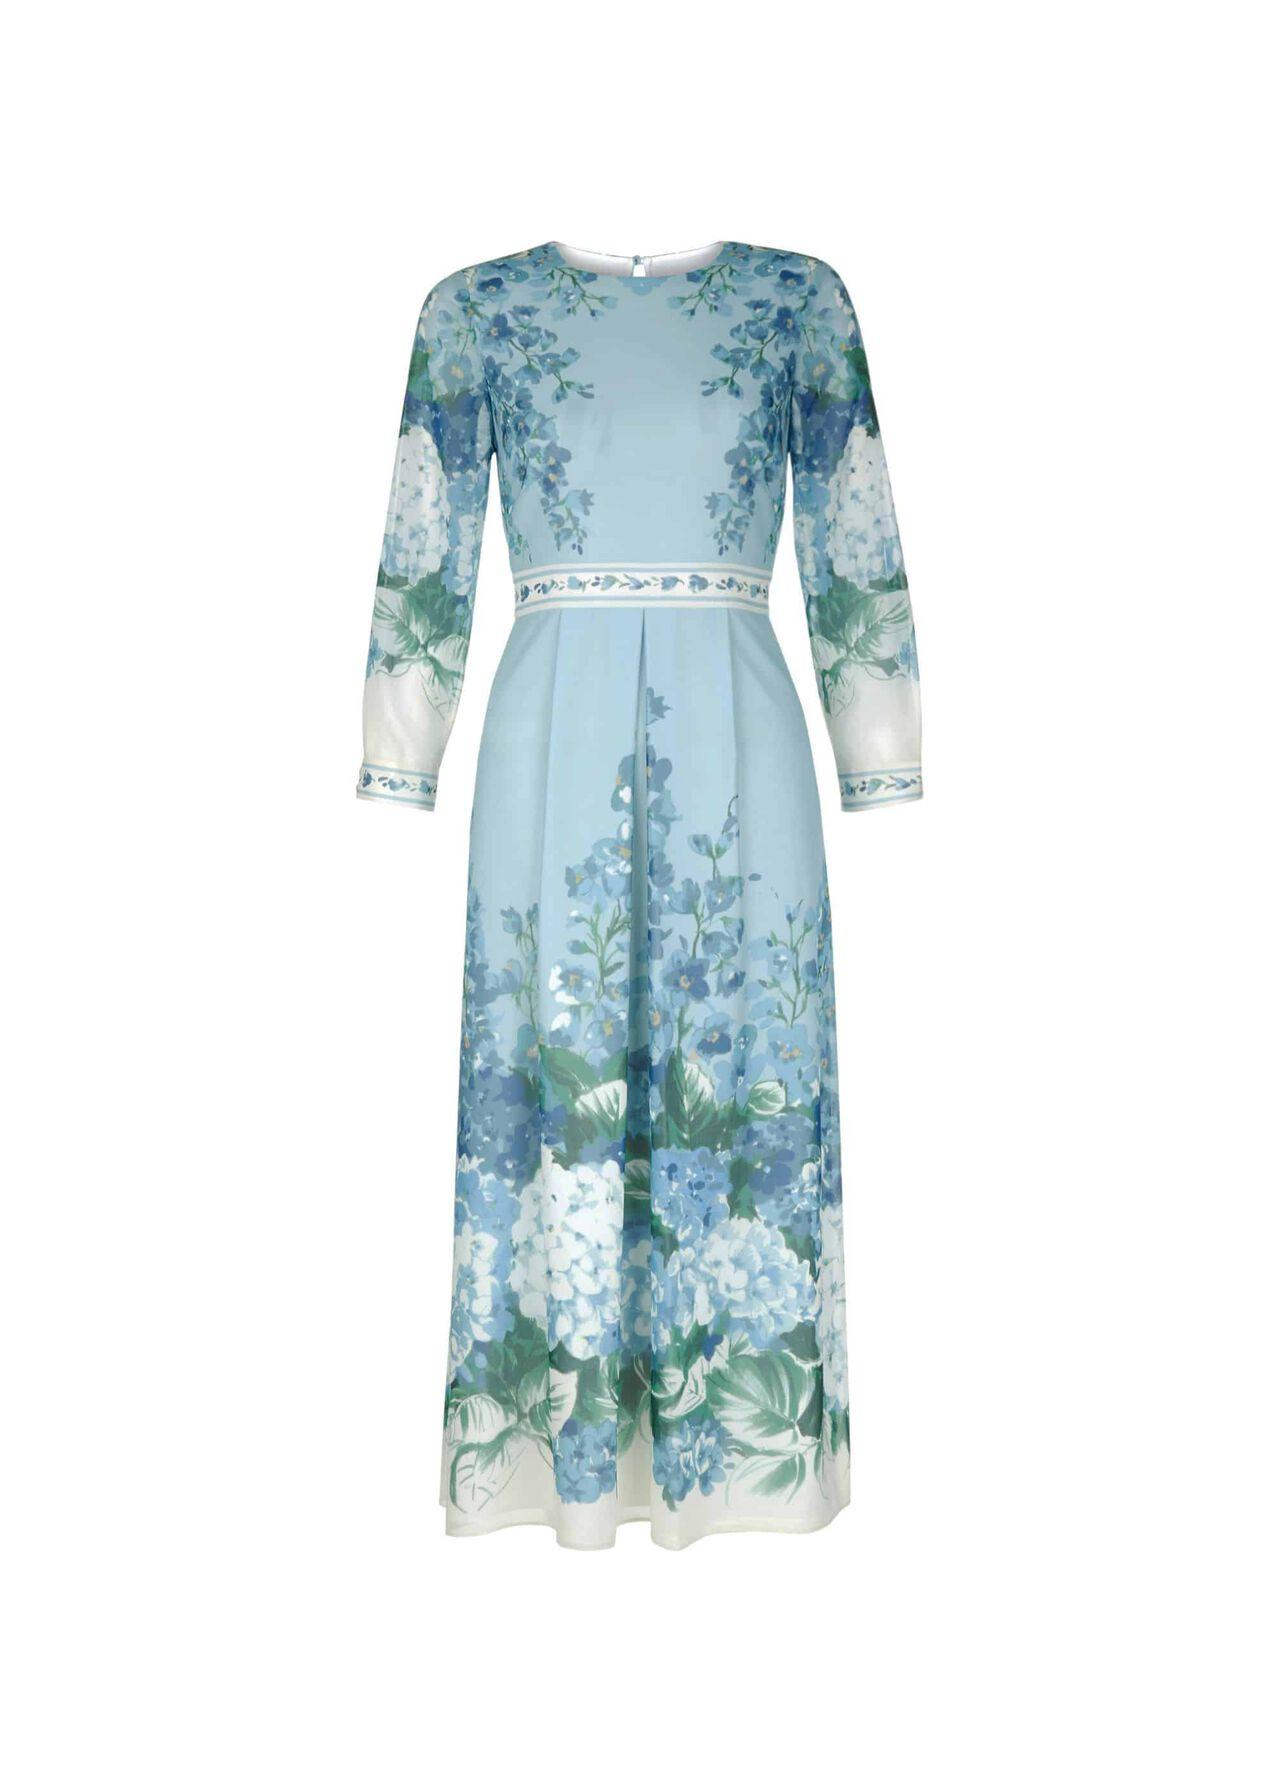 Hydrangea Dress Blue Multi